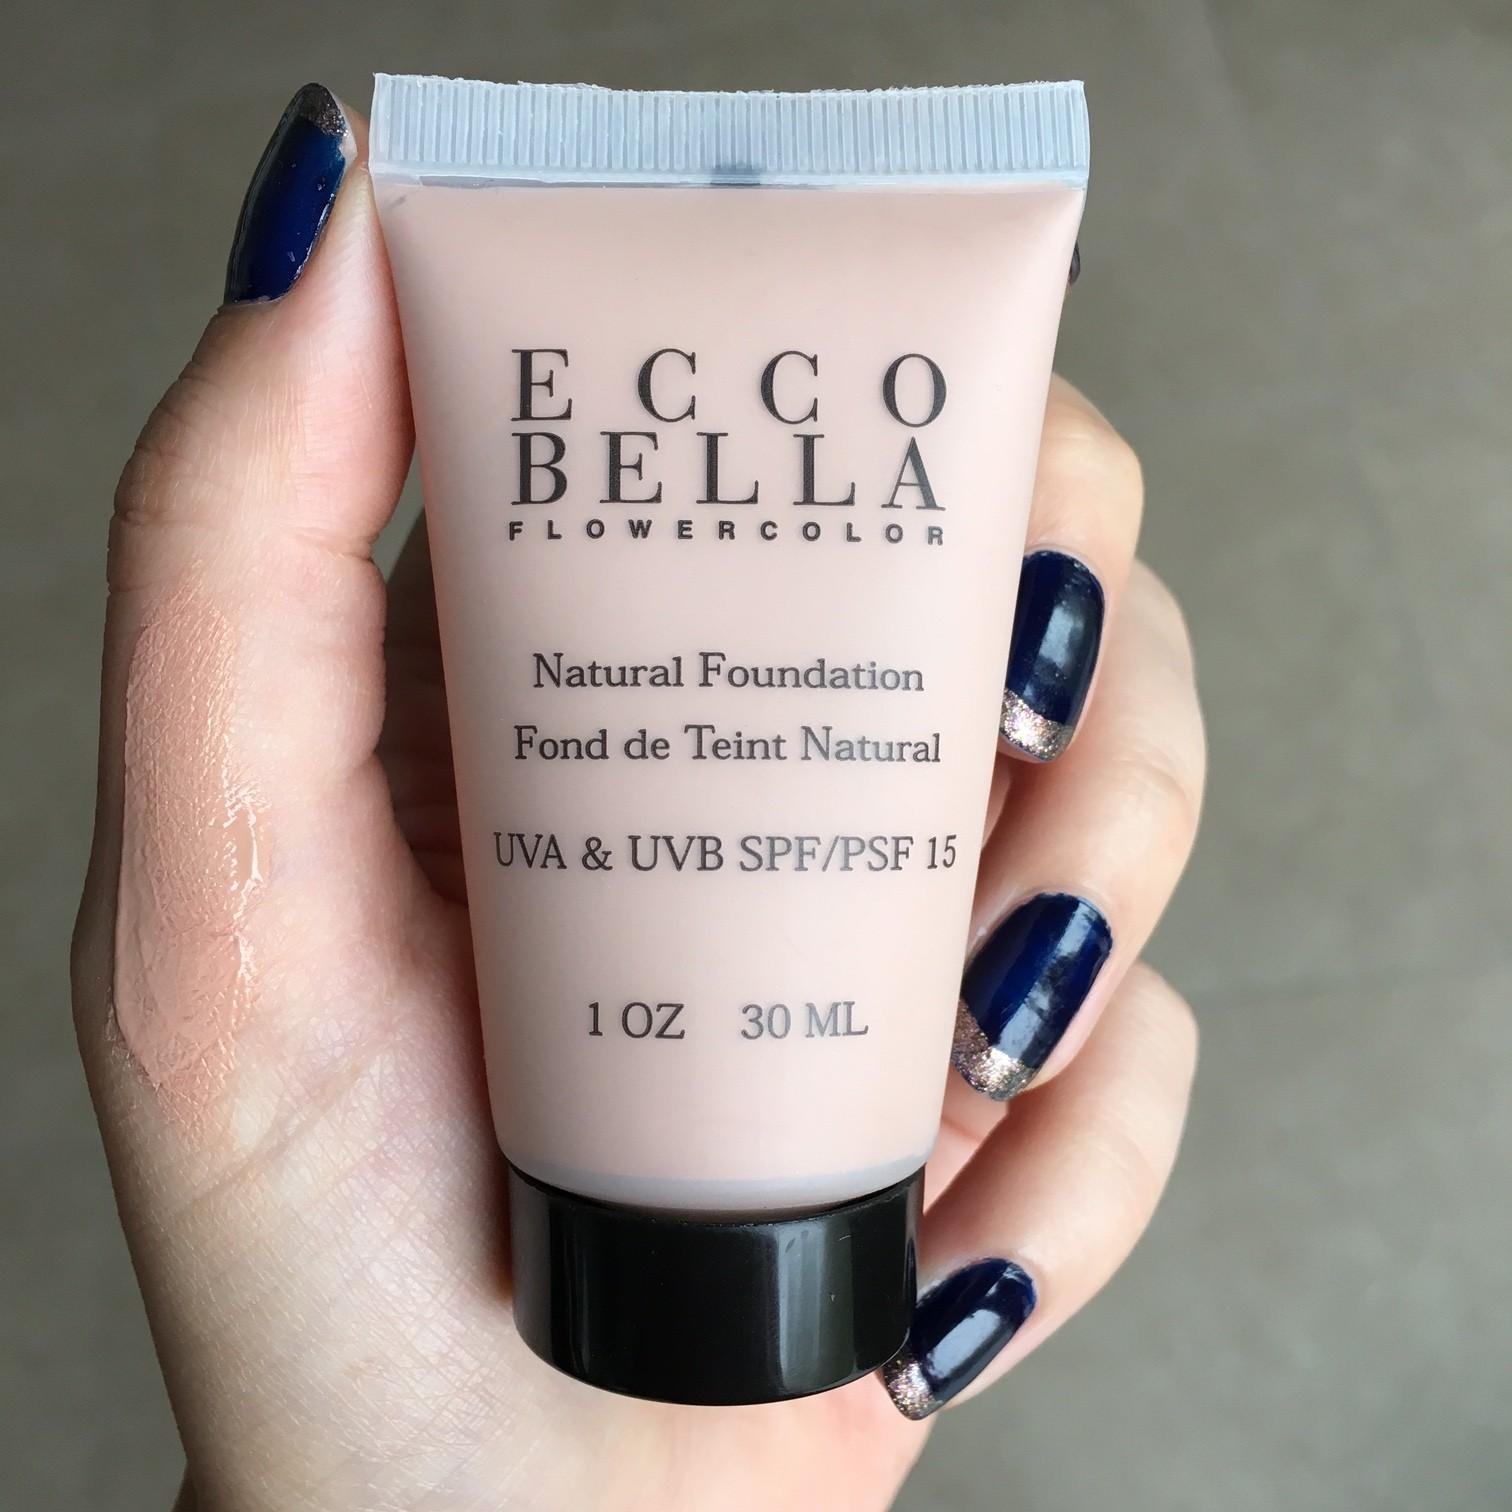 Ecco Bella All Natural Organic Makeup